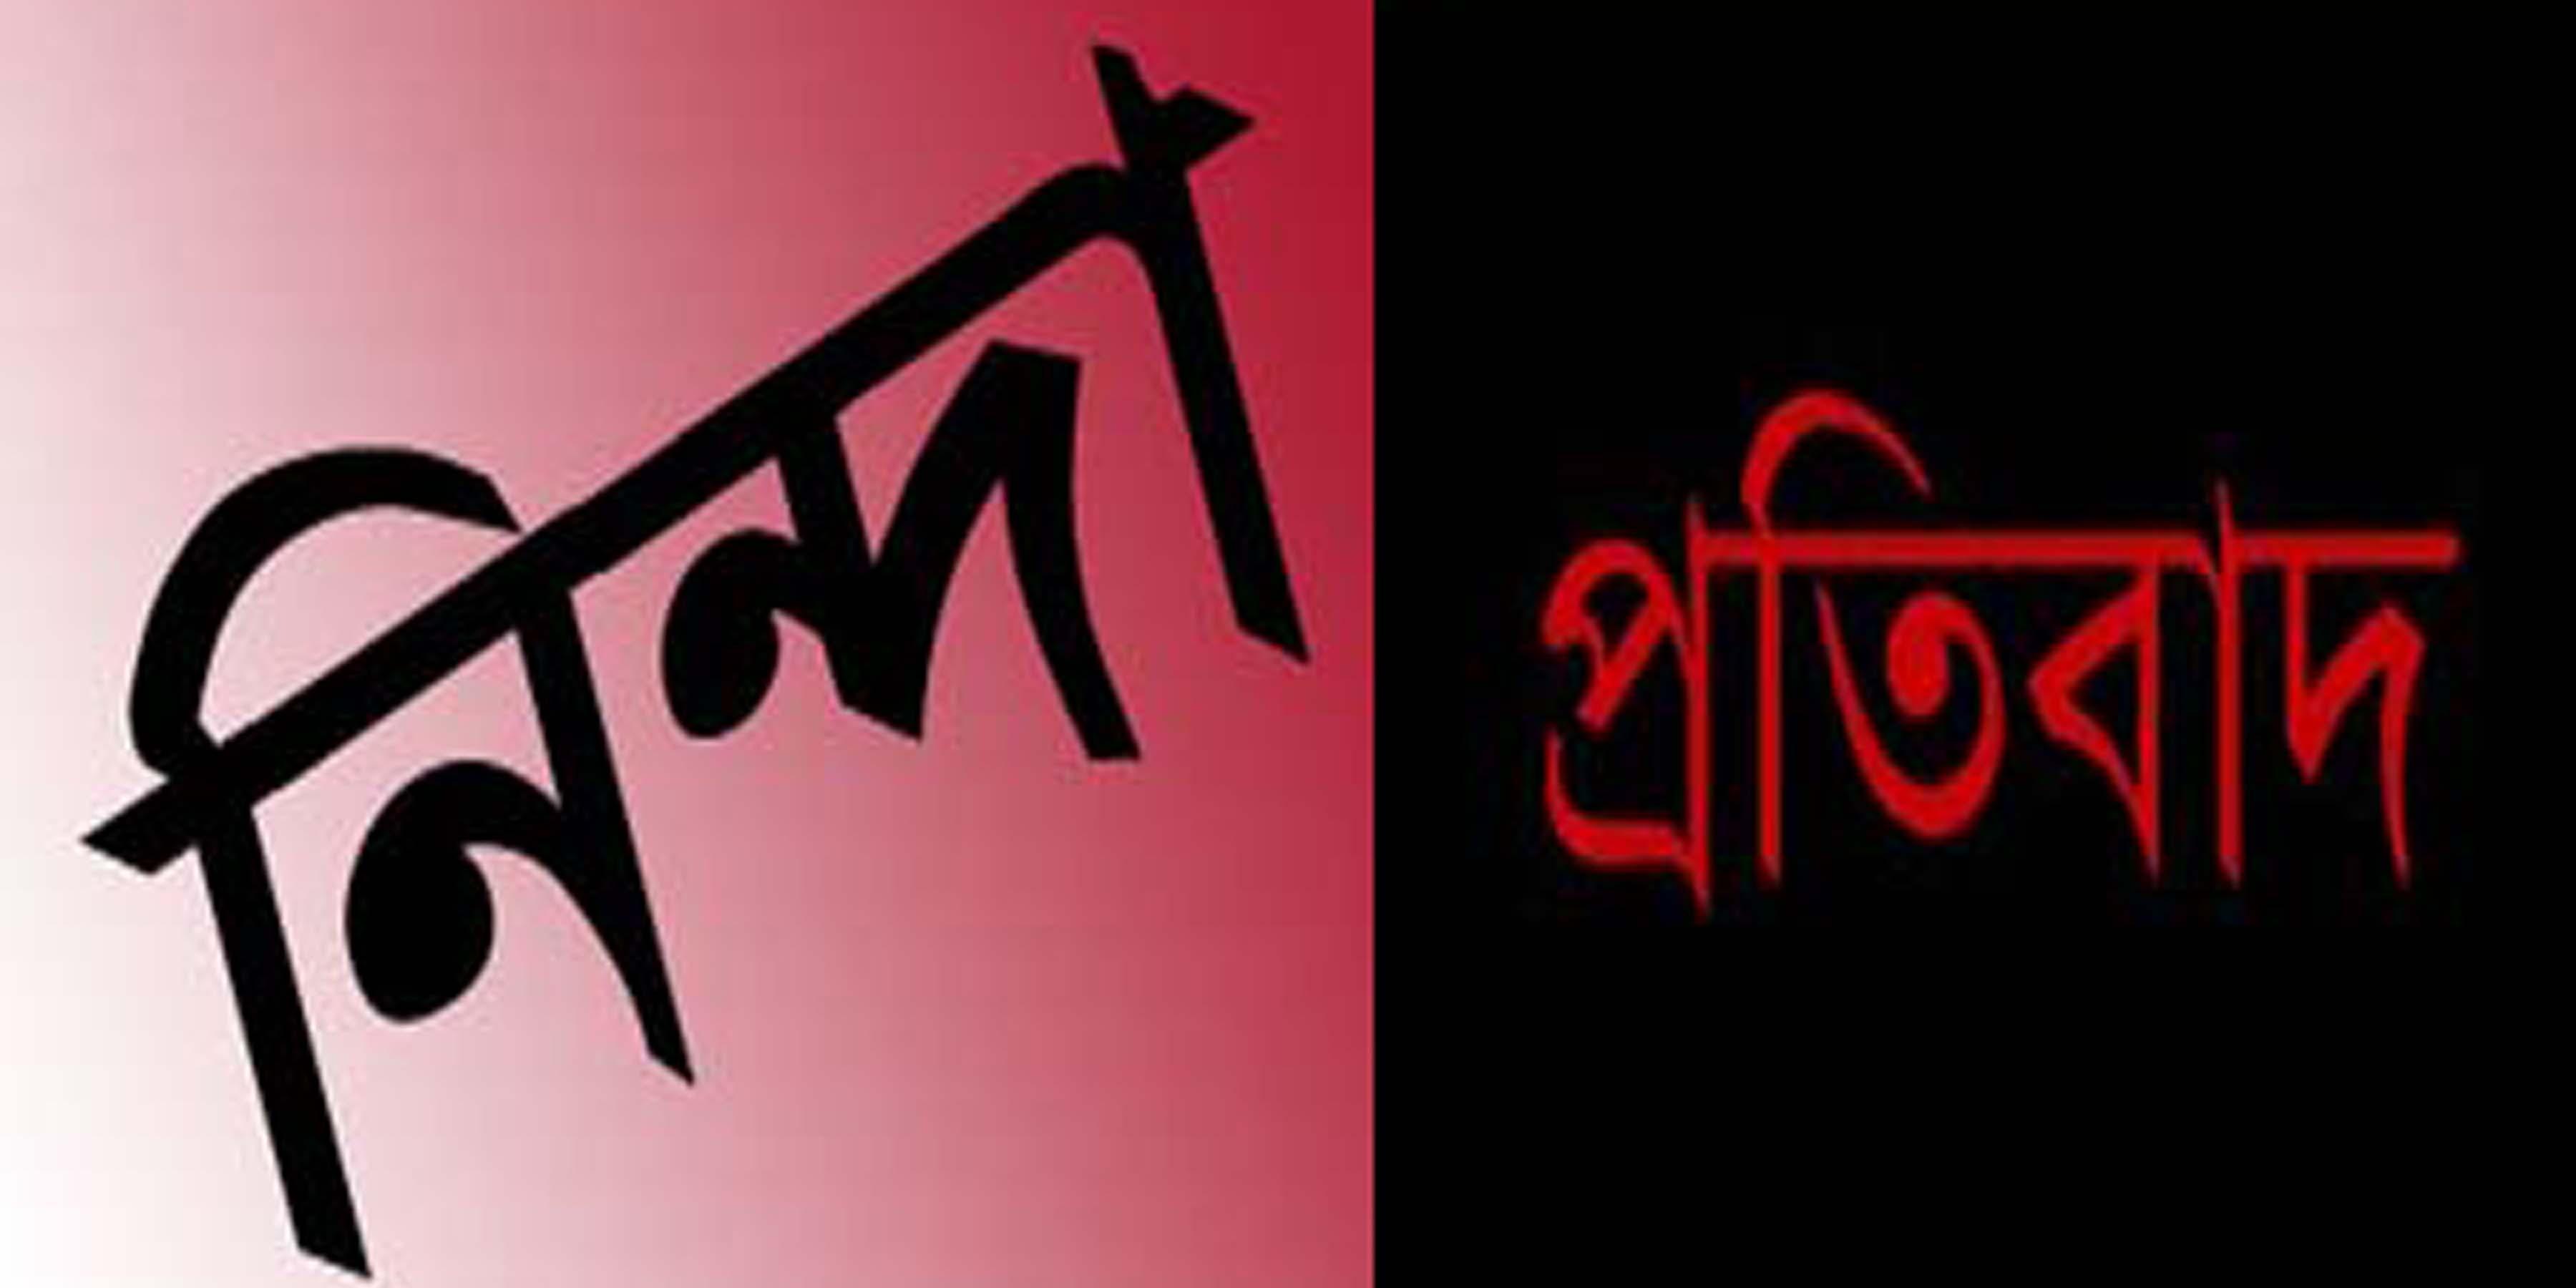 জাবিতে সাংবাদিকদের উপর হামলা : শাবি প্রেসক্লাবের নিন্দা